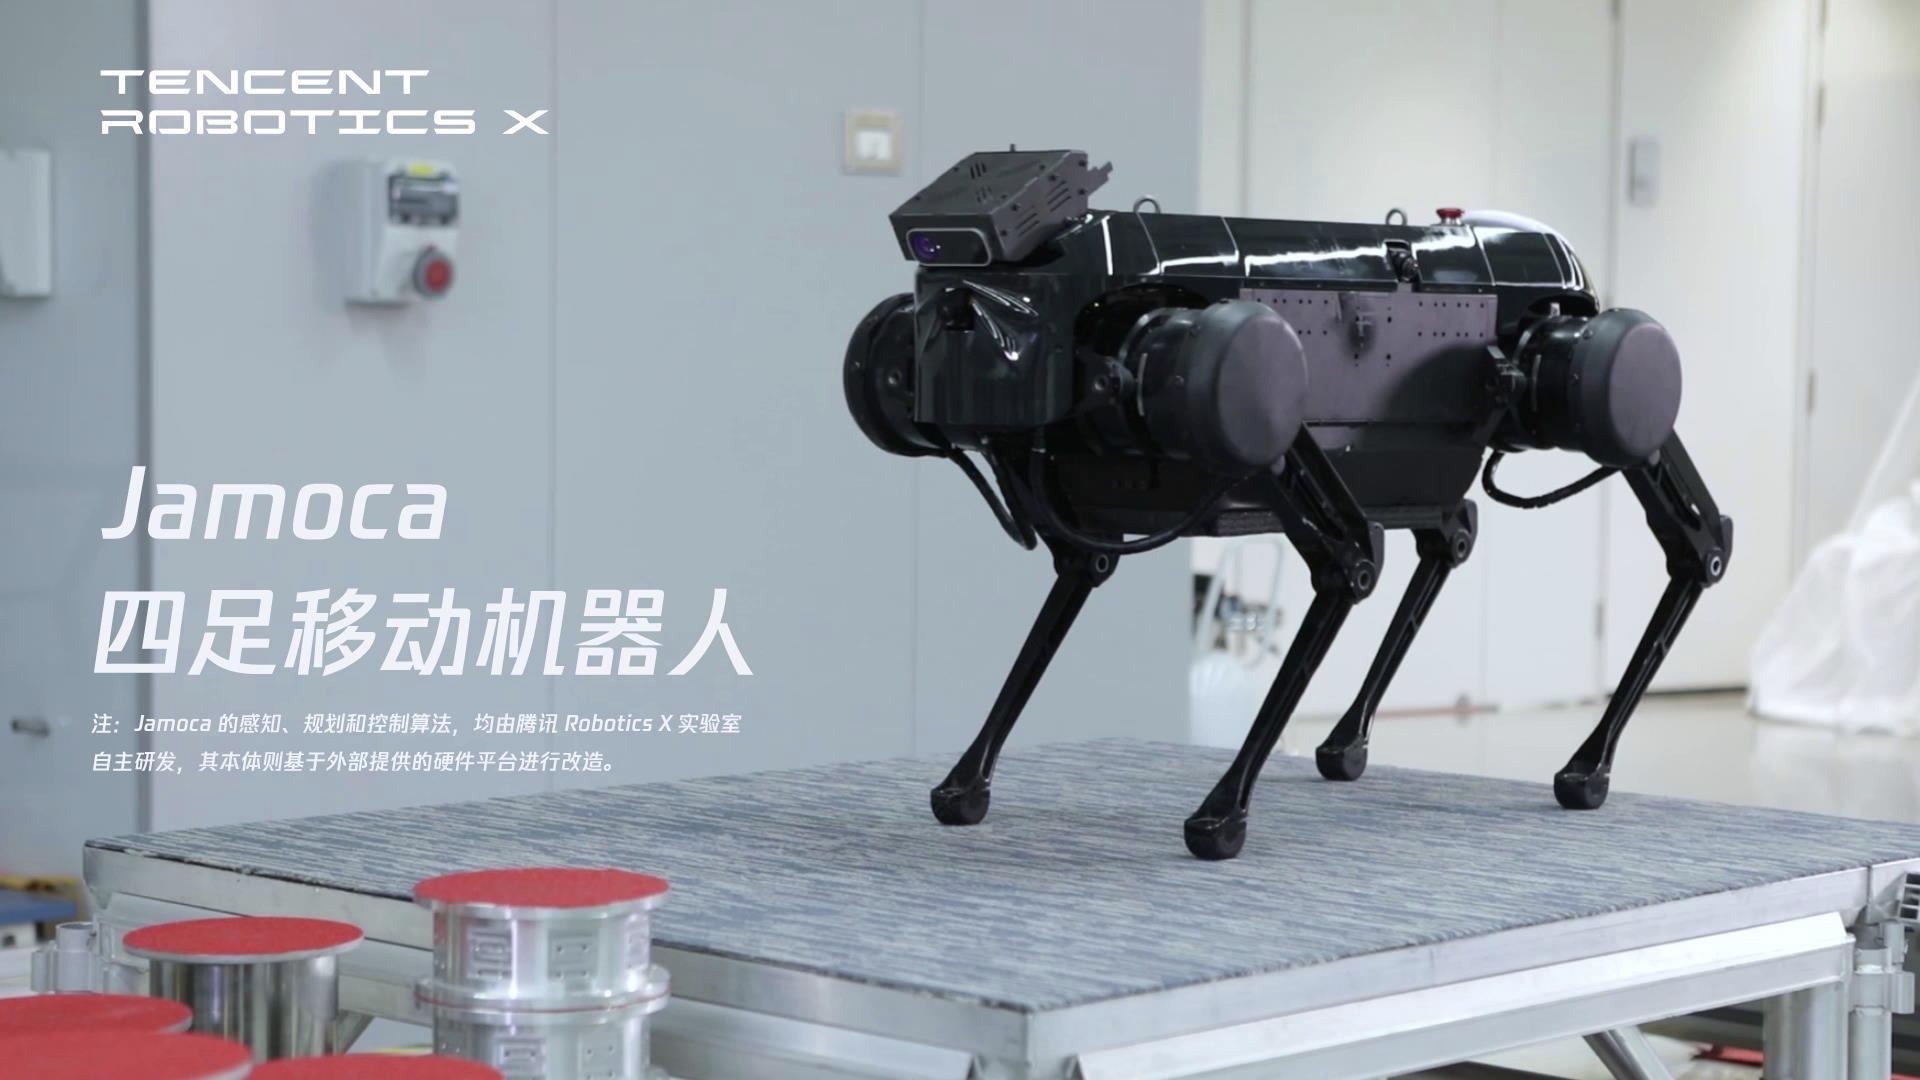 """机器狗走梅花桩?自行车能自平衡?腾讯 Robotics X 实验室研究首次""""开箱"""""""